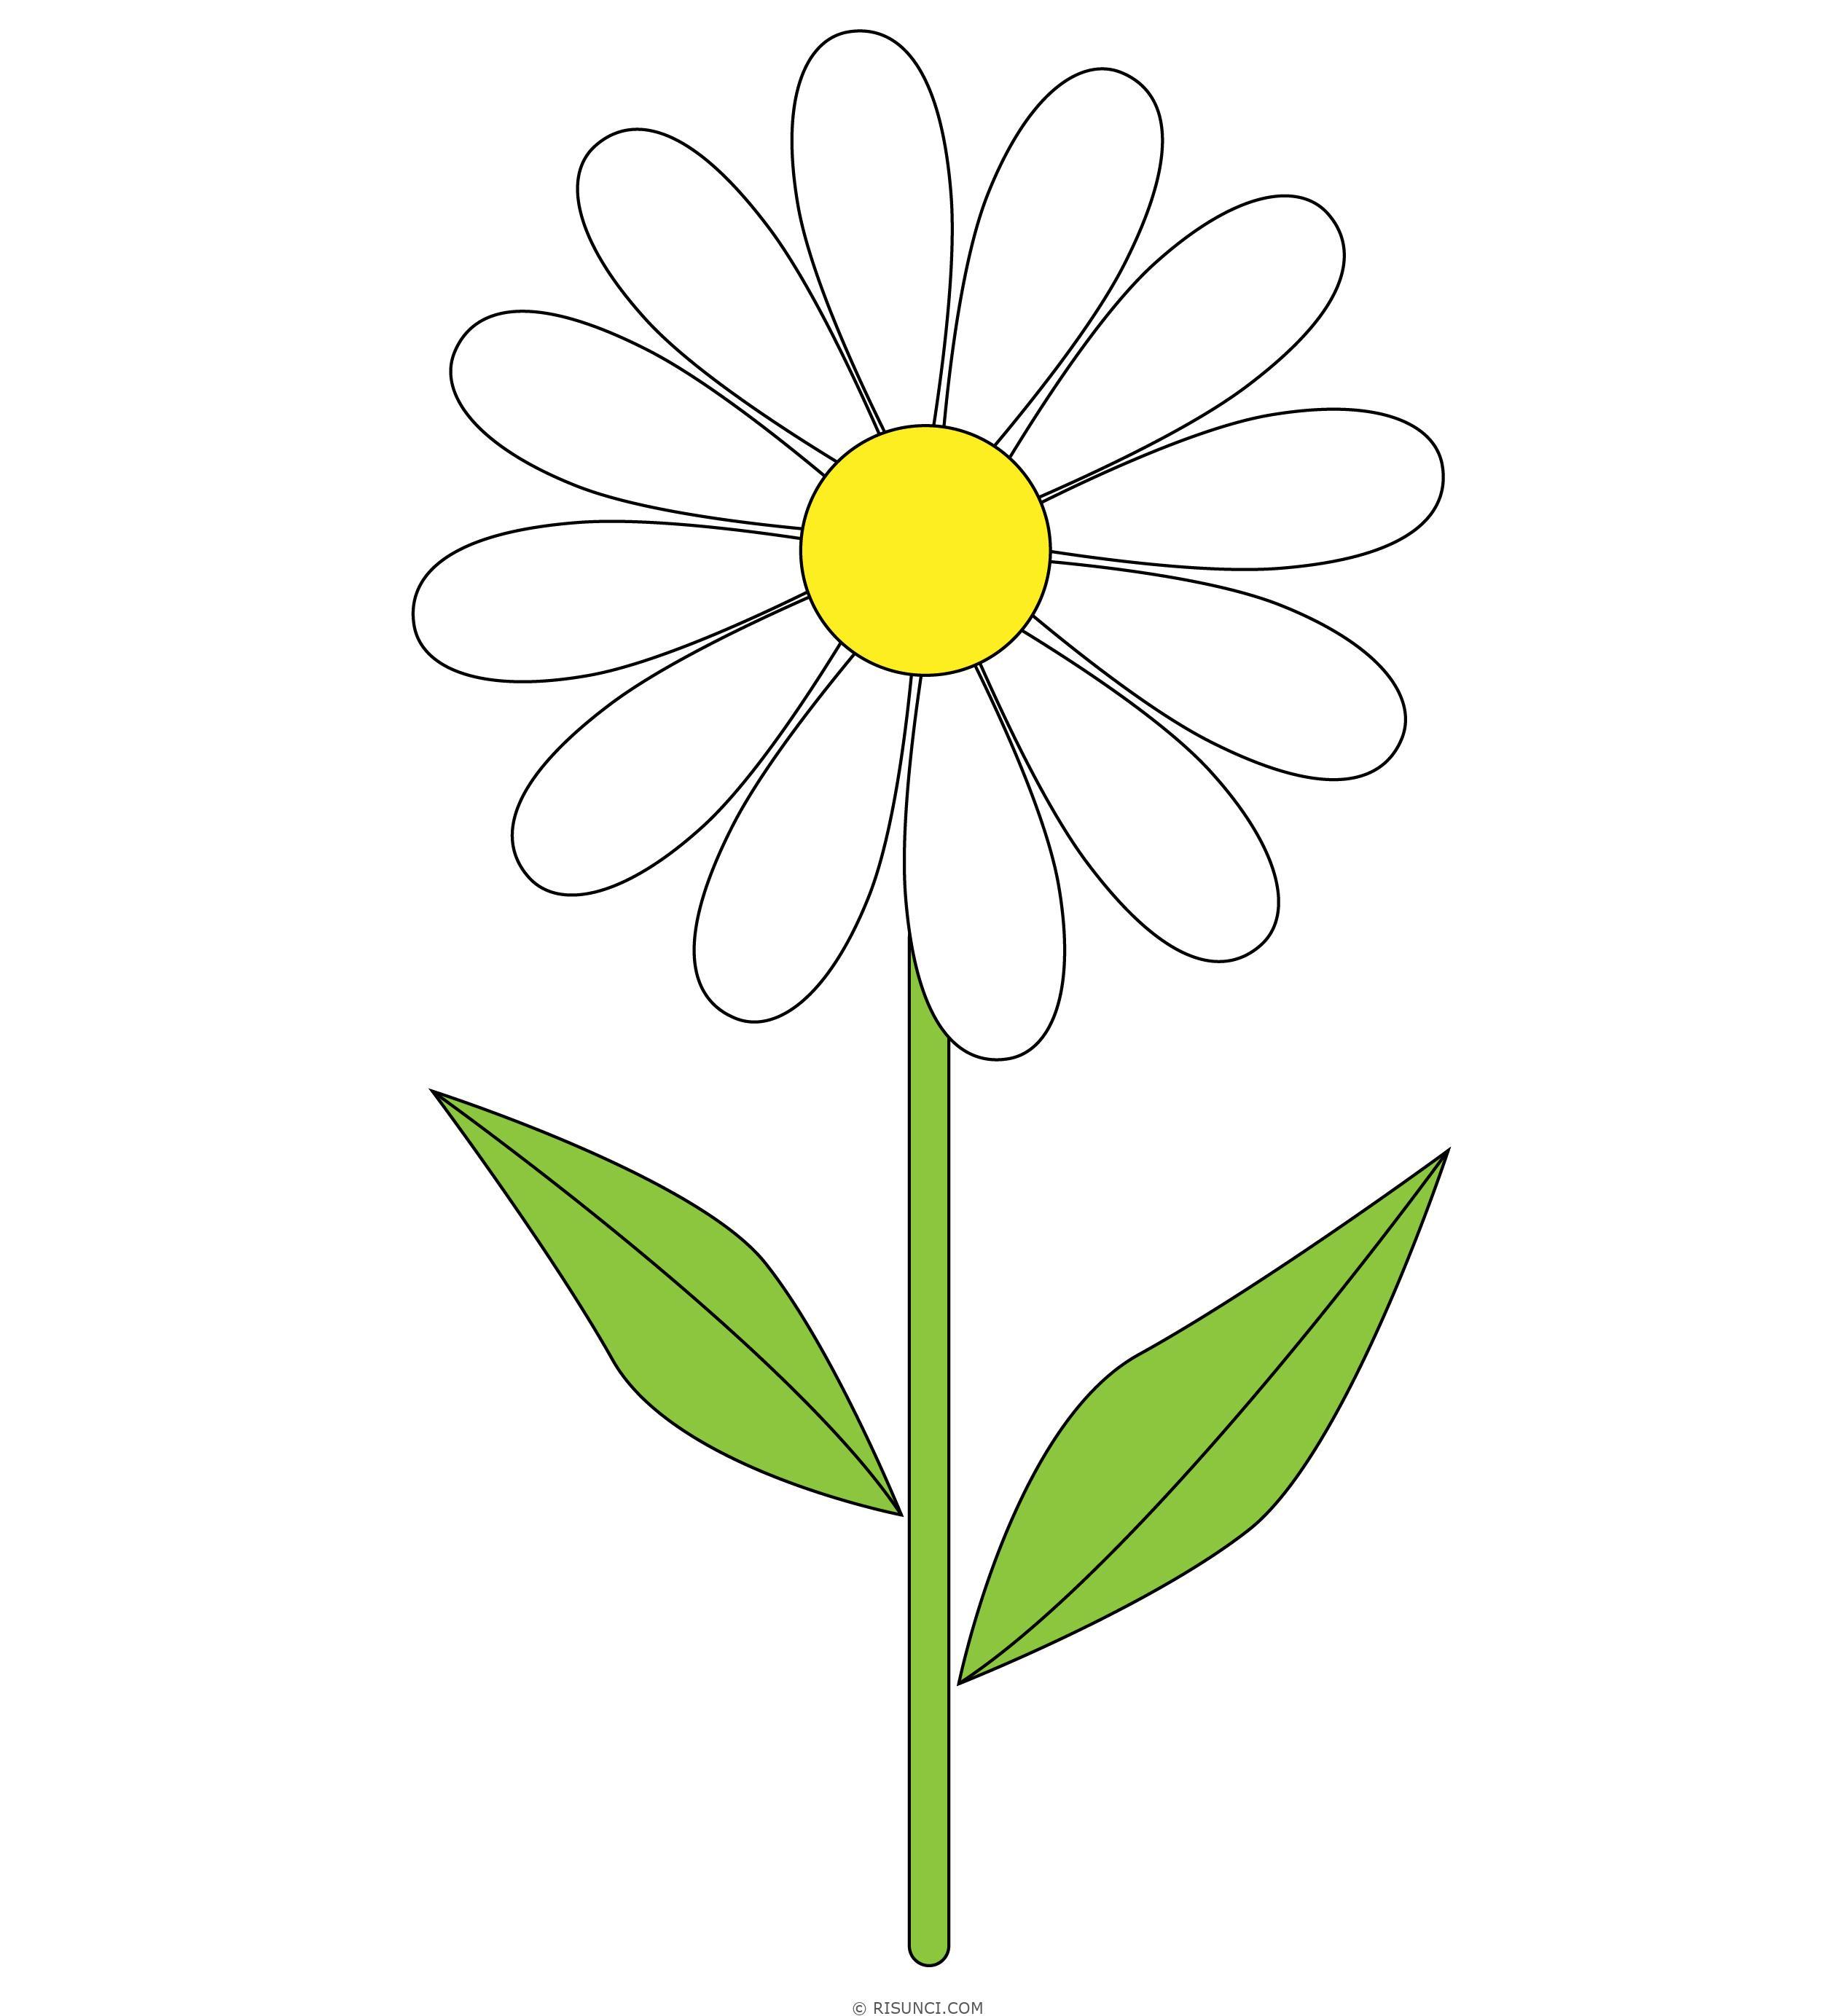 Повар гифка, ромашка картинки для детей нарисованные